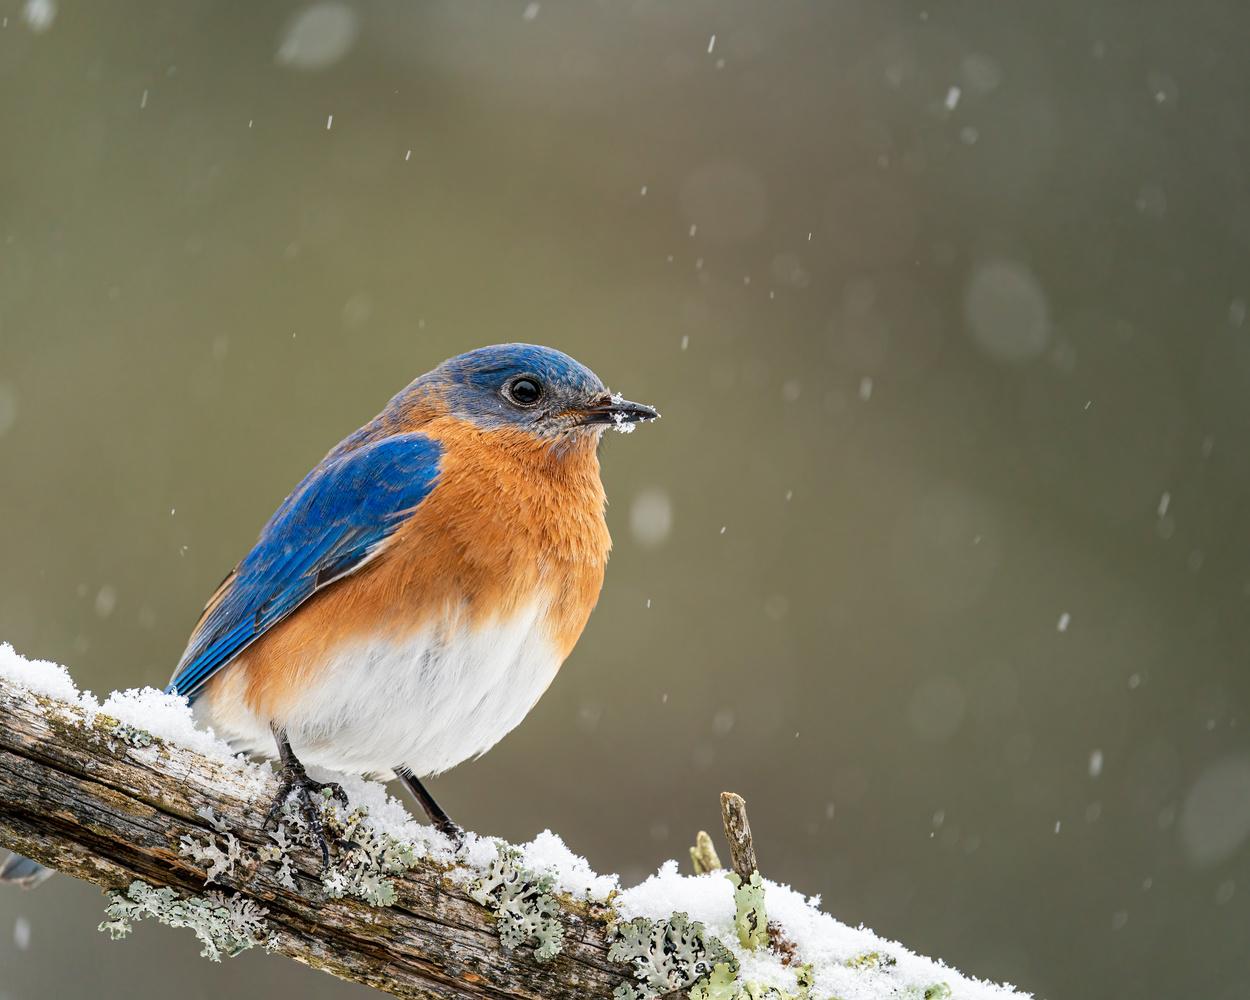 Male bluebird by Skyler Ewing